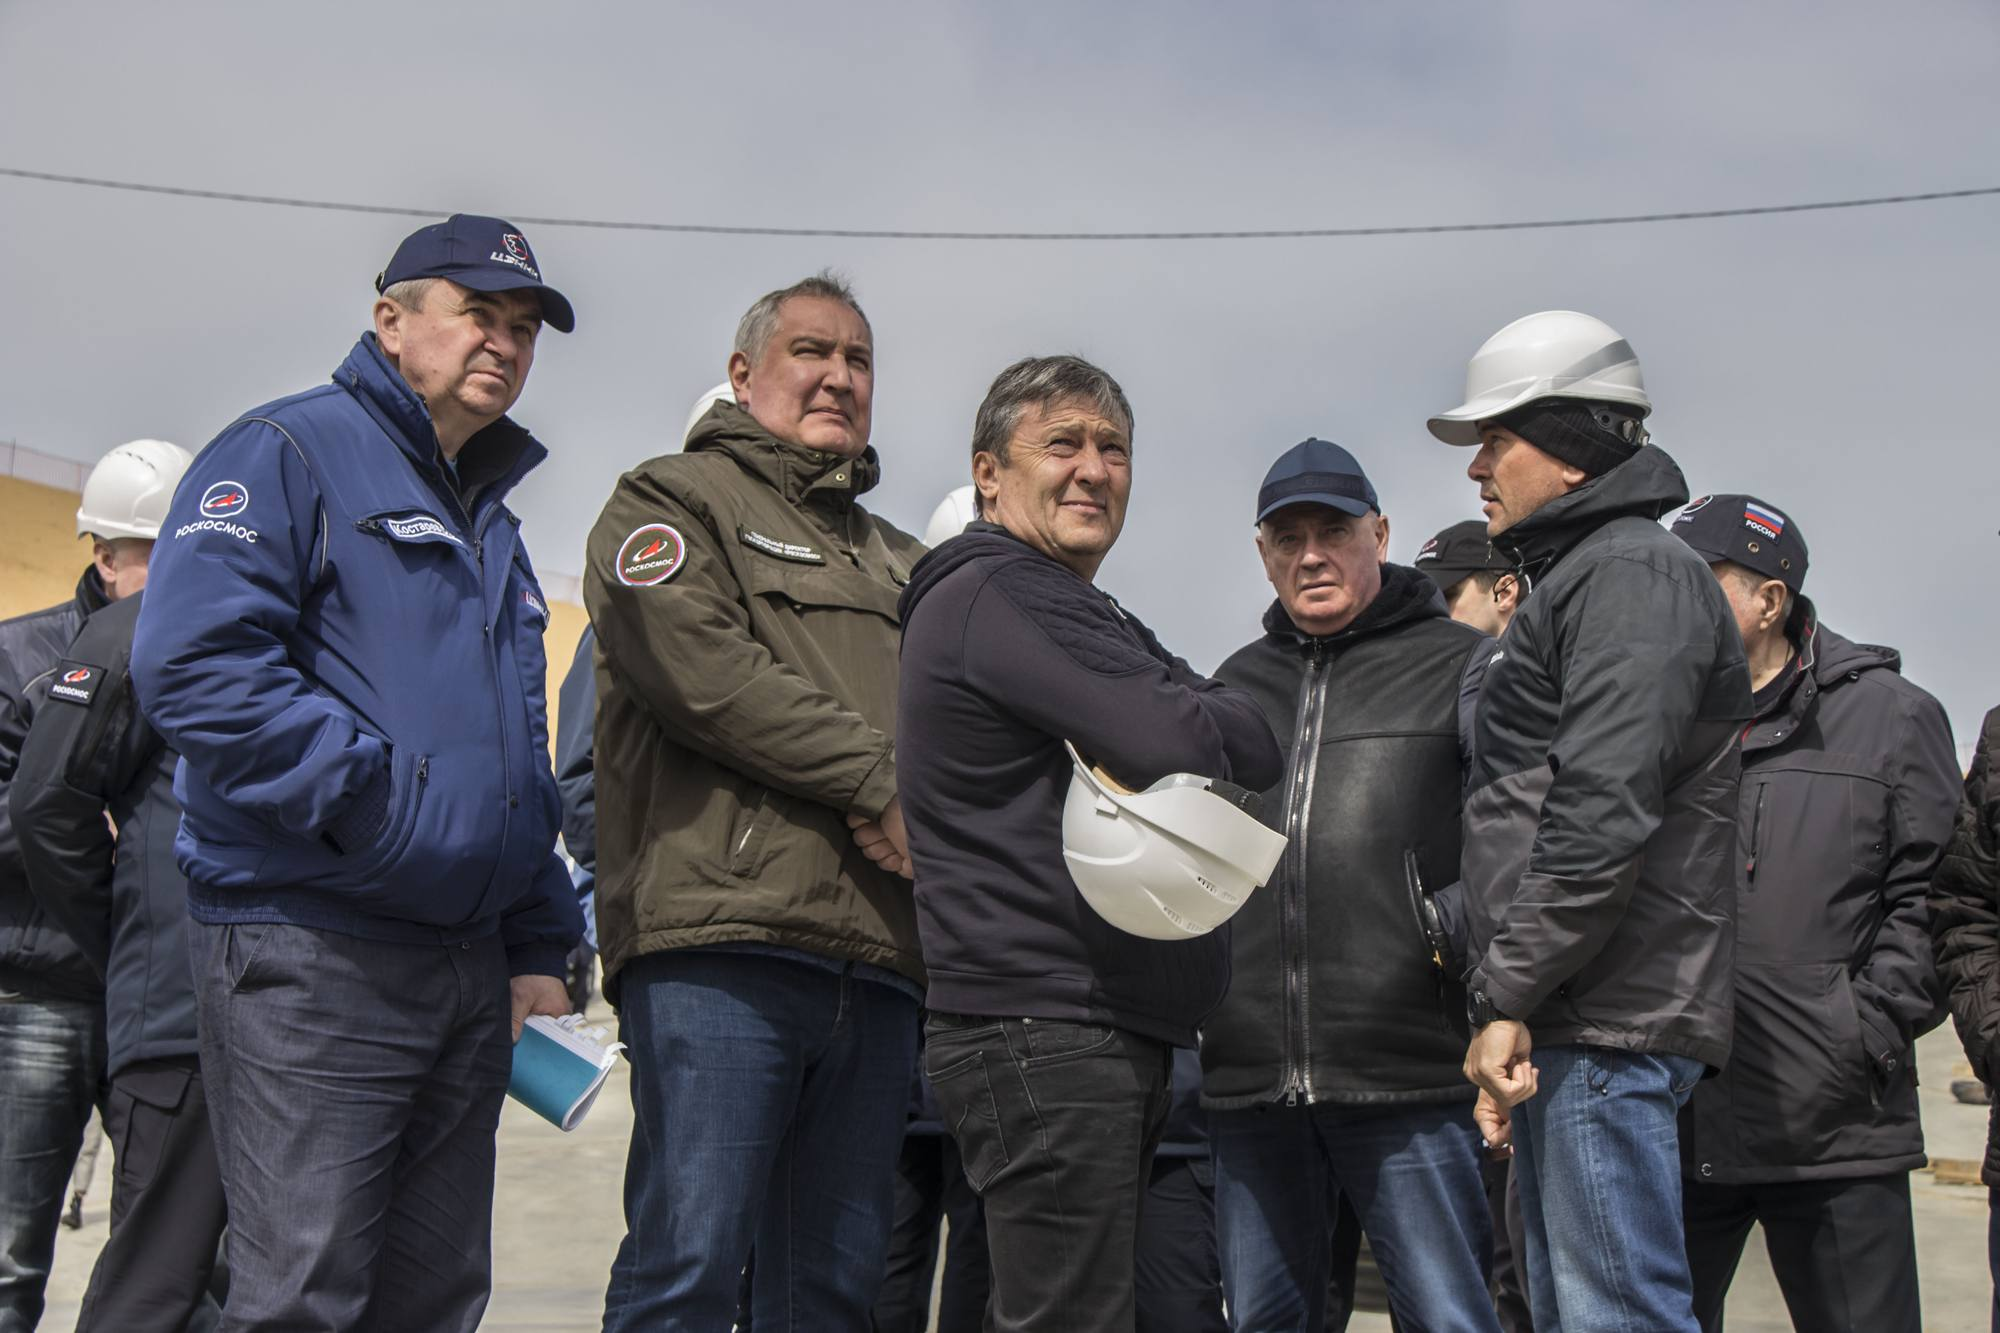 De gauche à droite: Sergueï Kostarev (Directeur adjoint du TsENKI pour la construction du csomodrome de Vostochny, Dmitry Rogozine, DG de Roscosmos et Ravil Ziganchine représentant PSO Kazan l'entreprise de construction du chantier.